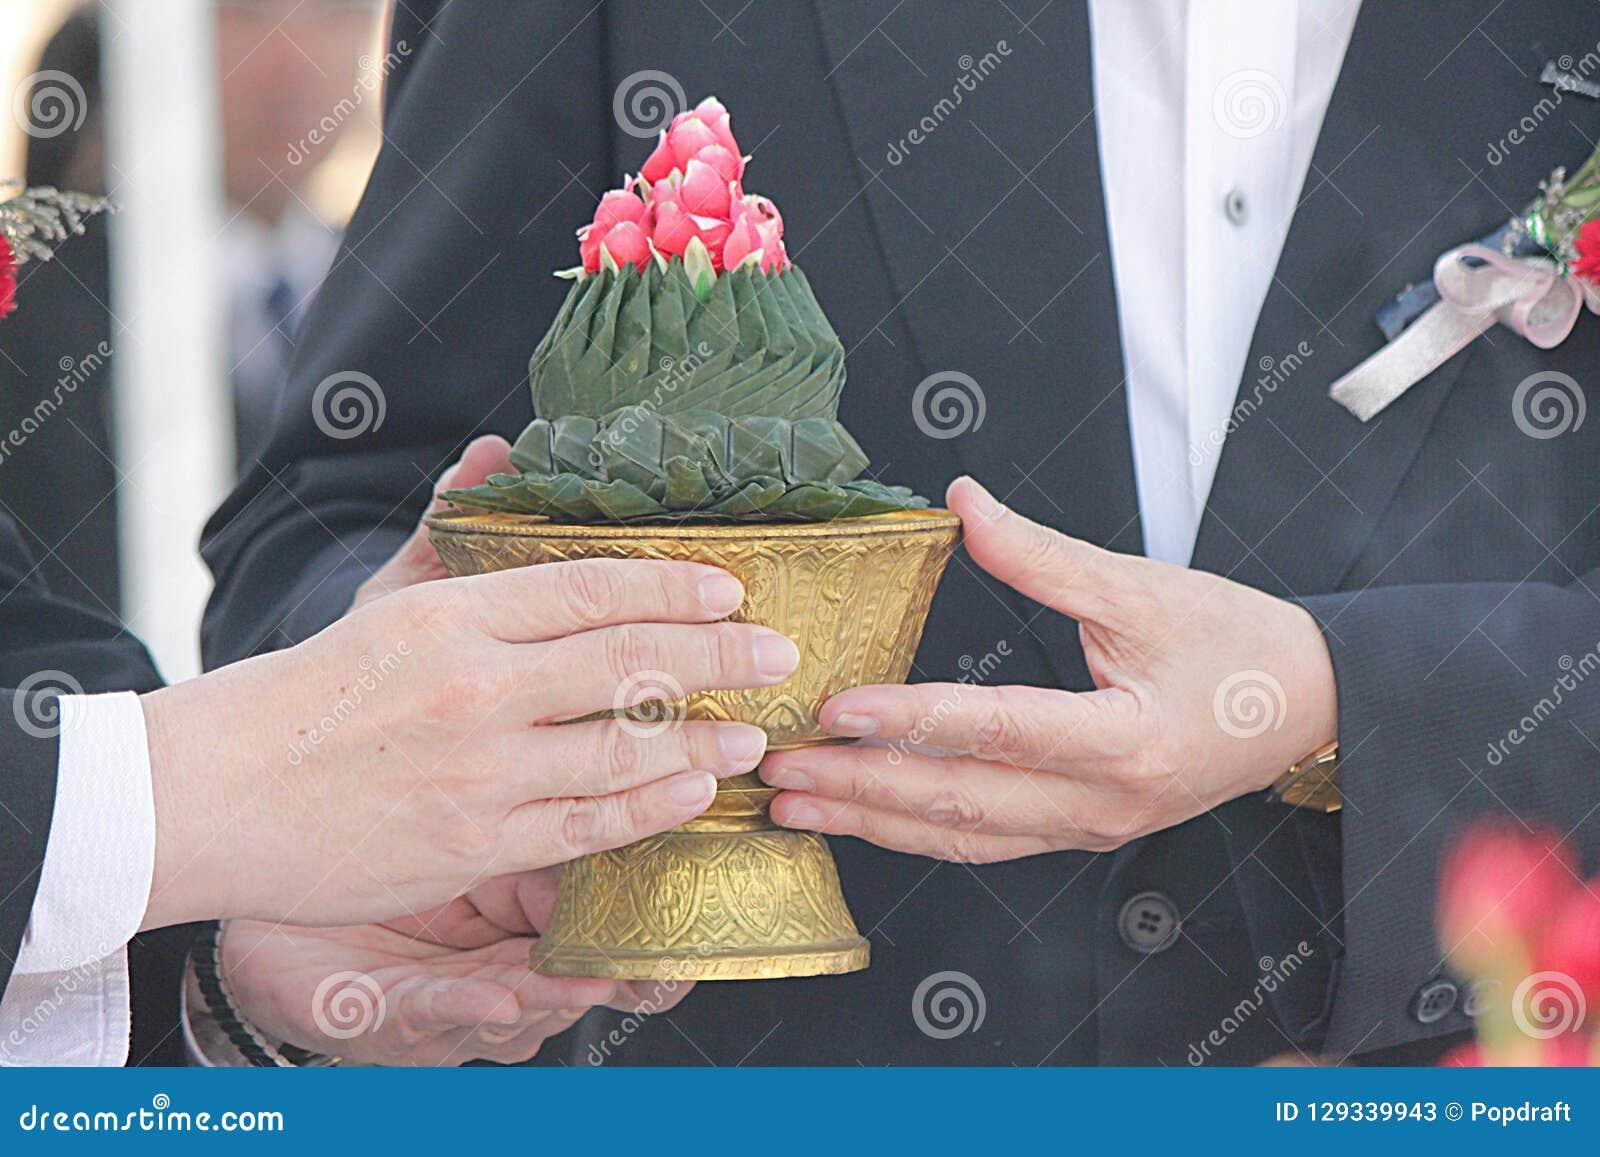 Adore a preparação na cerimônia da fundação em Tailândia